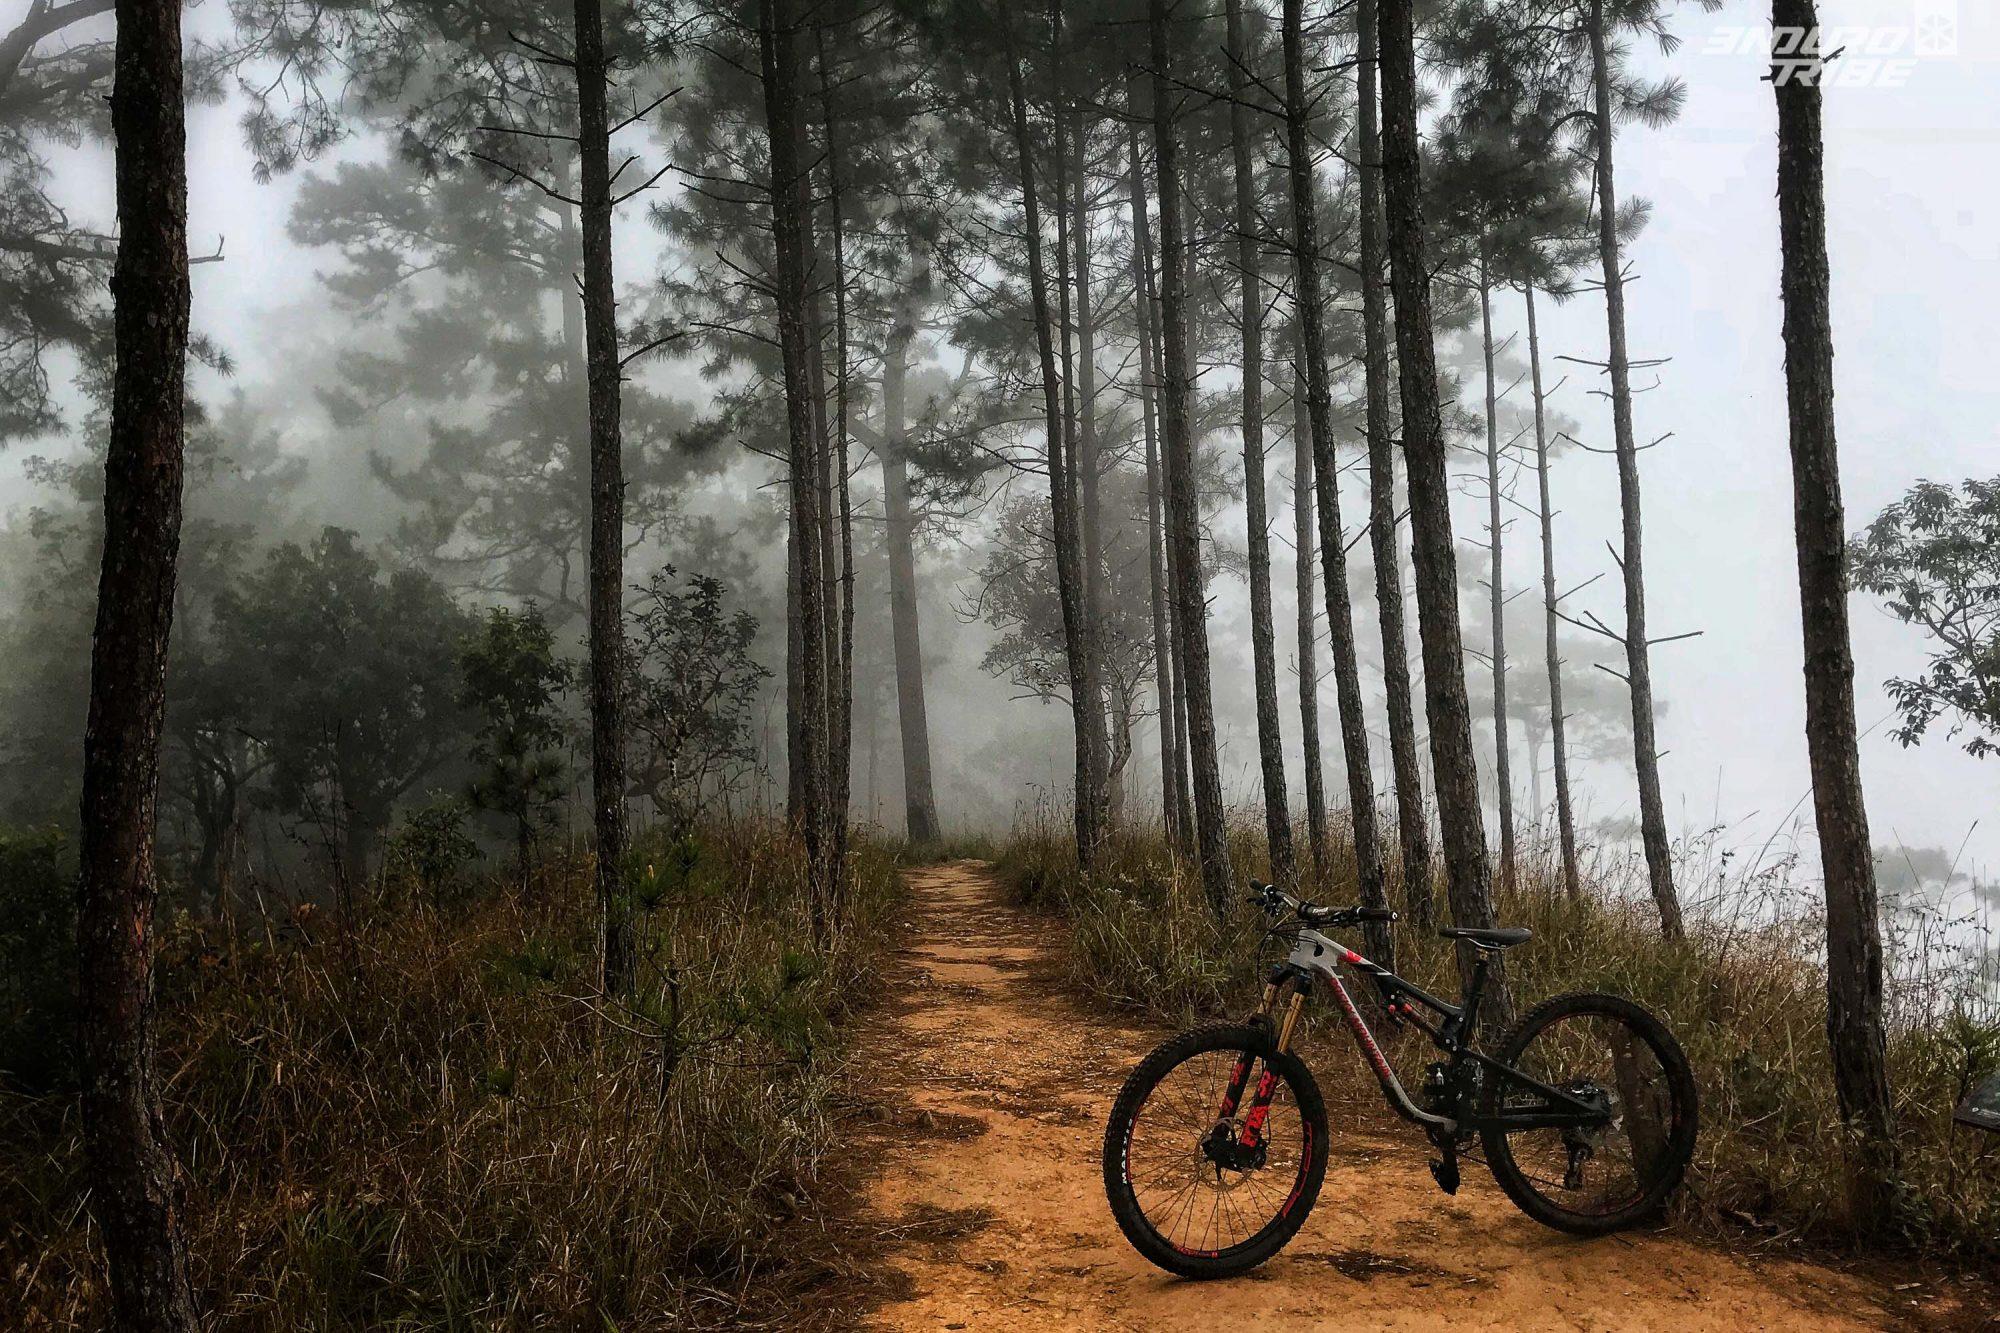 Si dans les basses altitudes il y fait toujours beau et chaud, les sommets sont souvent frais en embrumés. Ambiance mystique garantie !